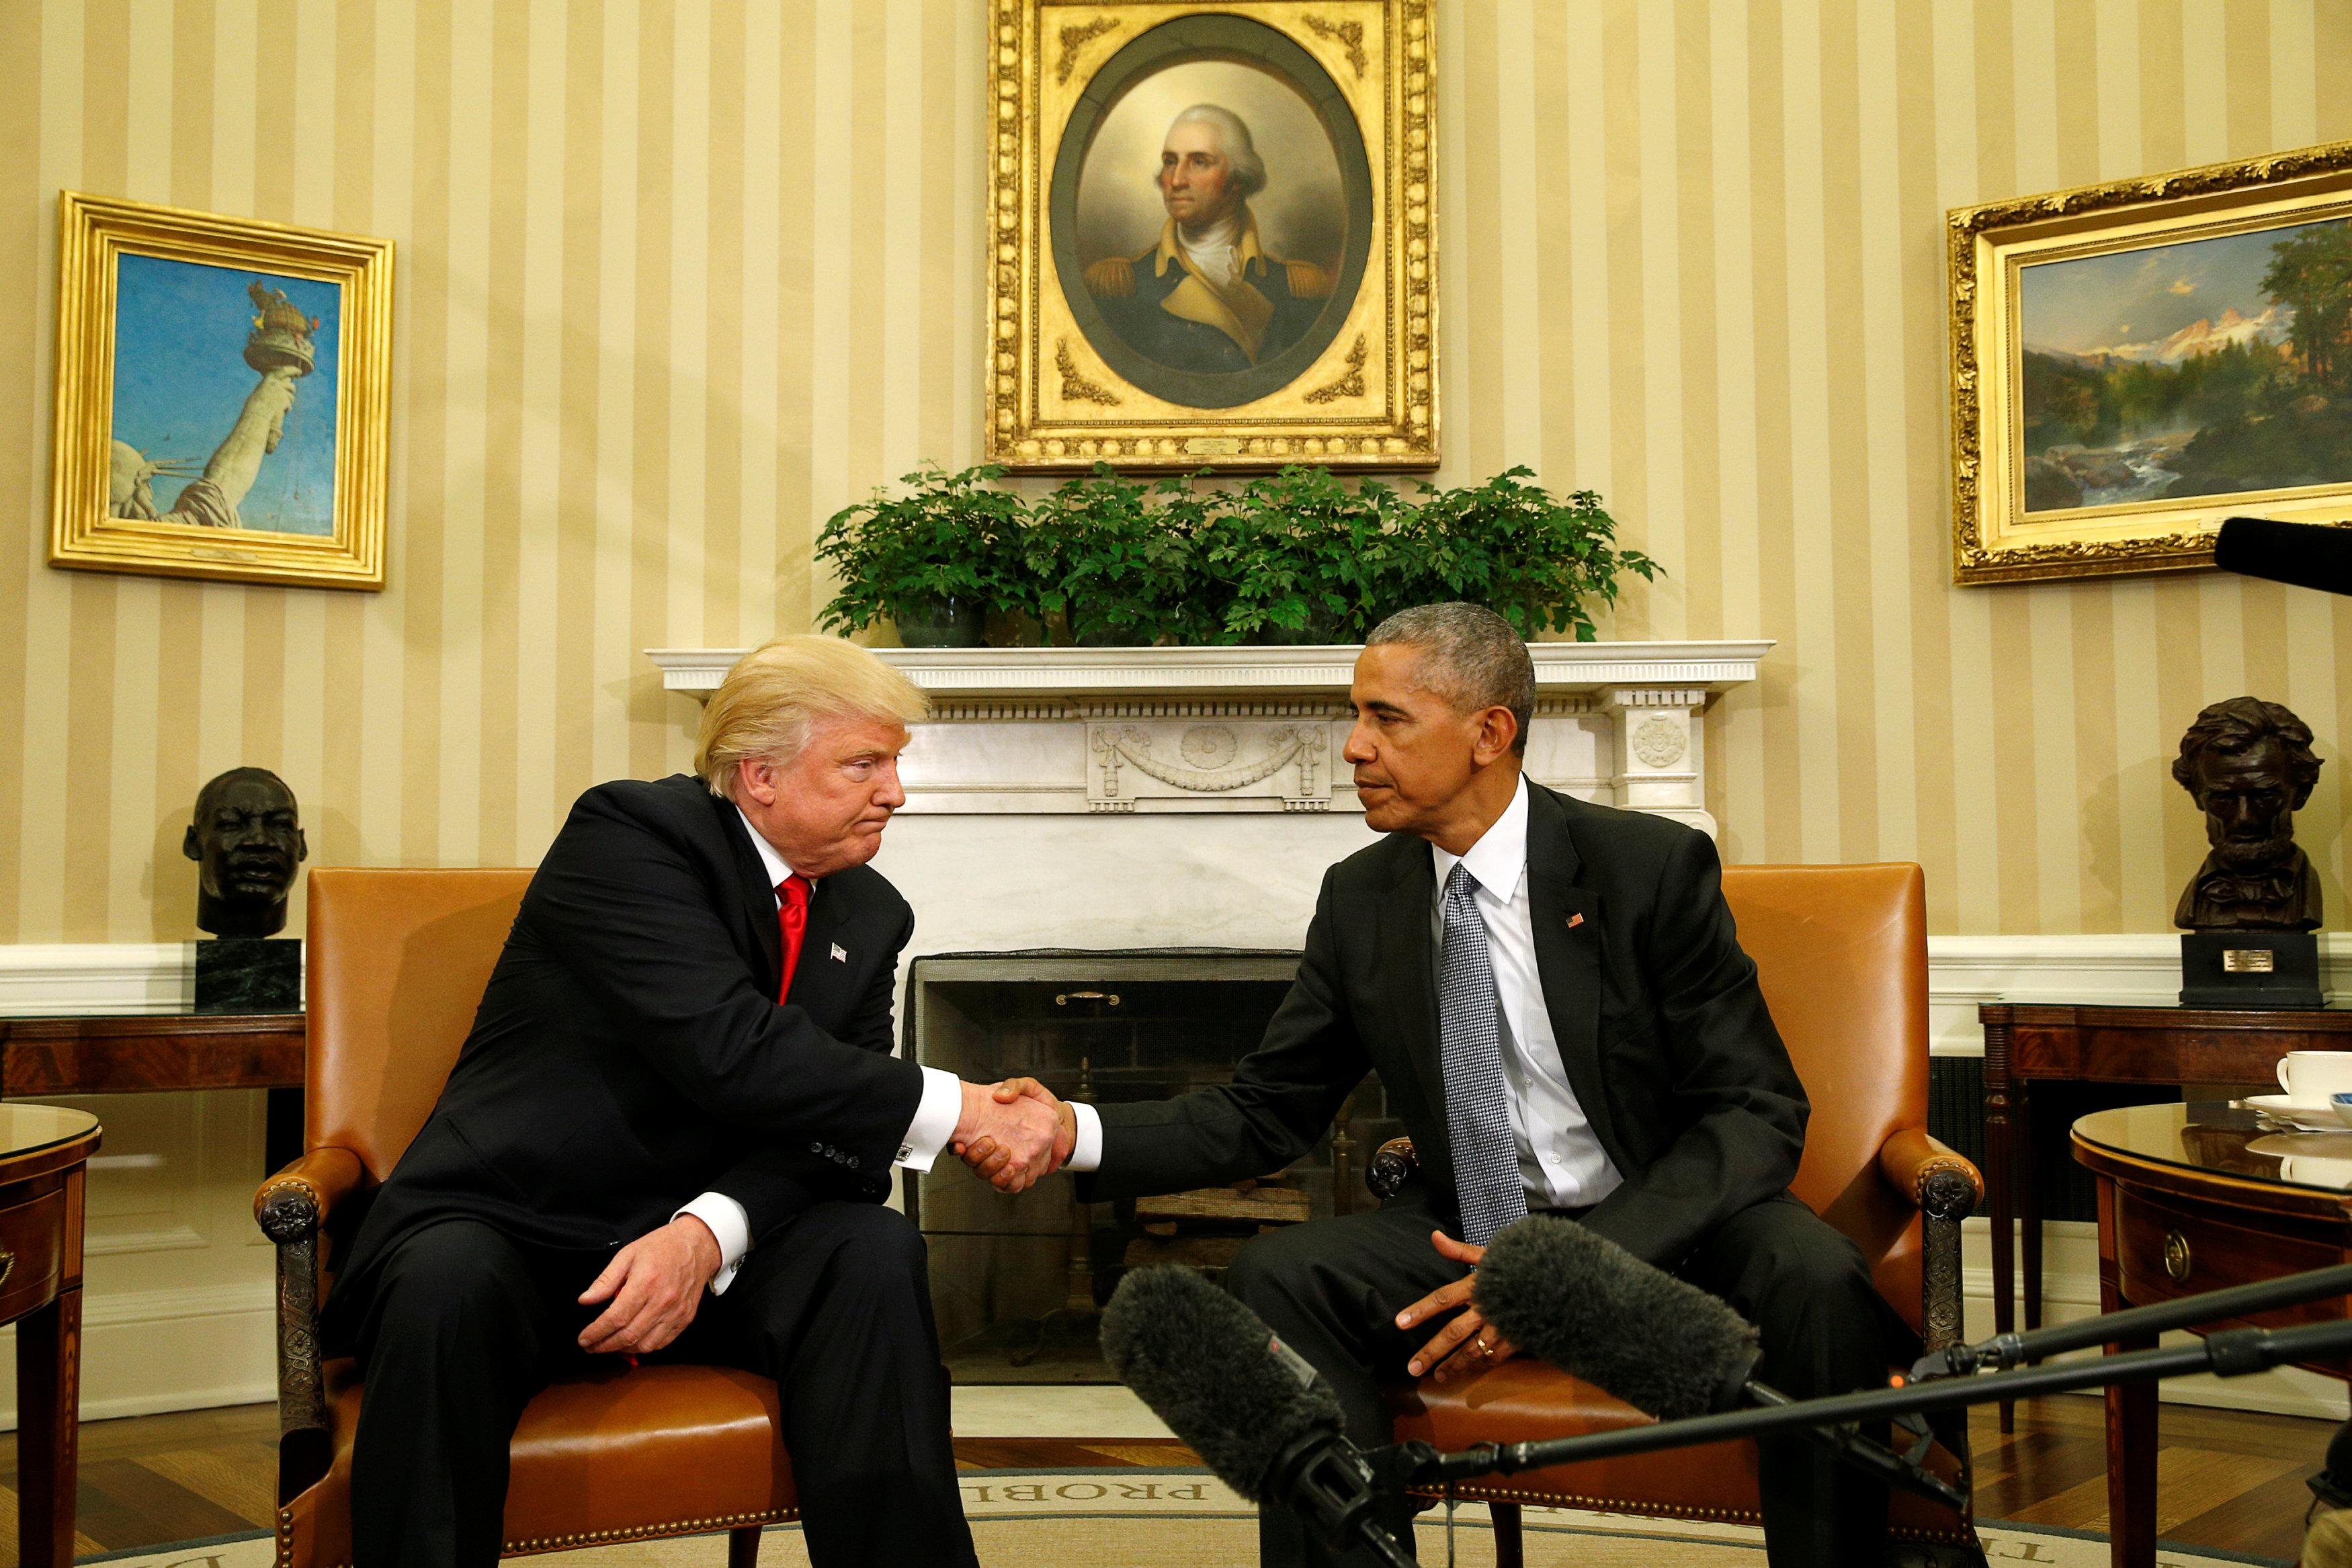 El Presidente Obama invita a Trump a la Casa Blanca